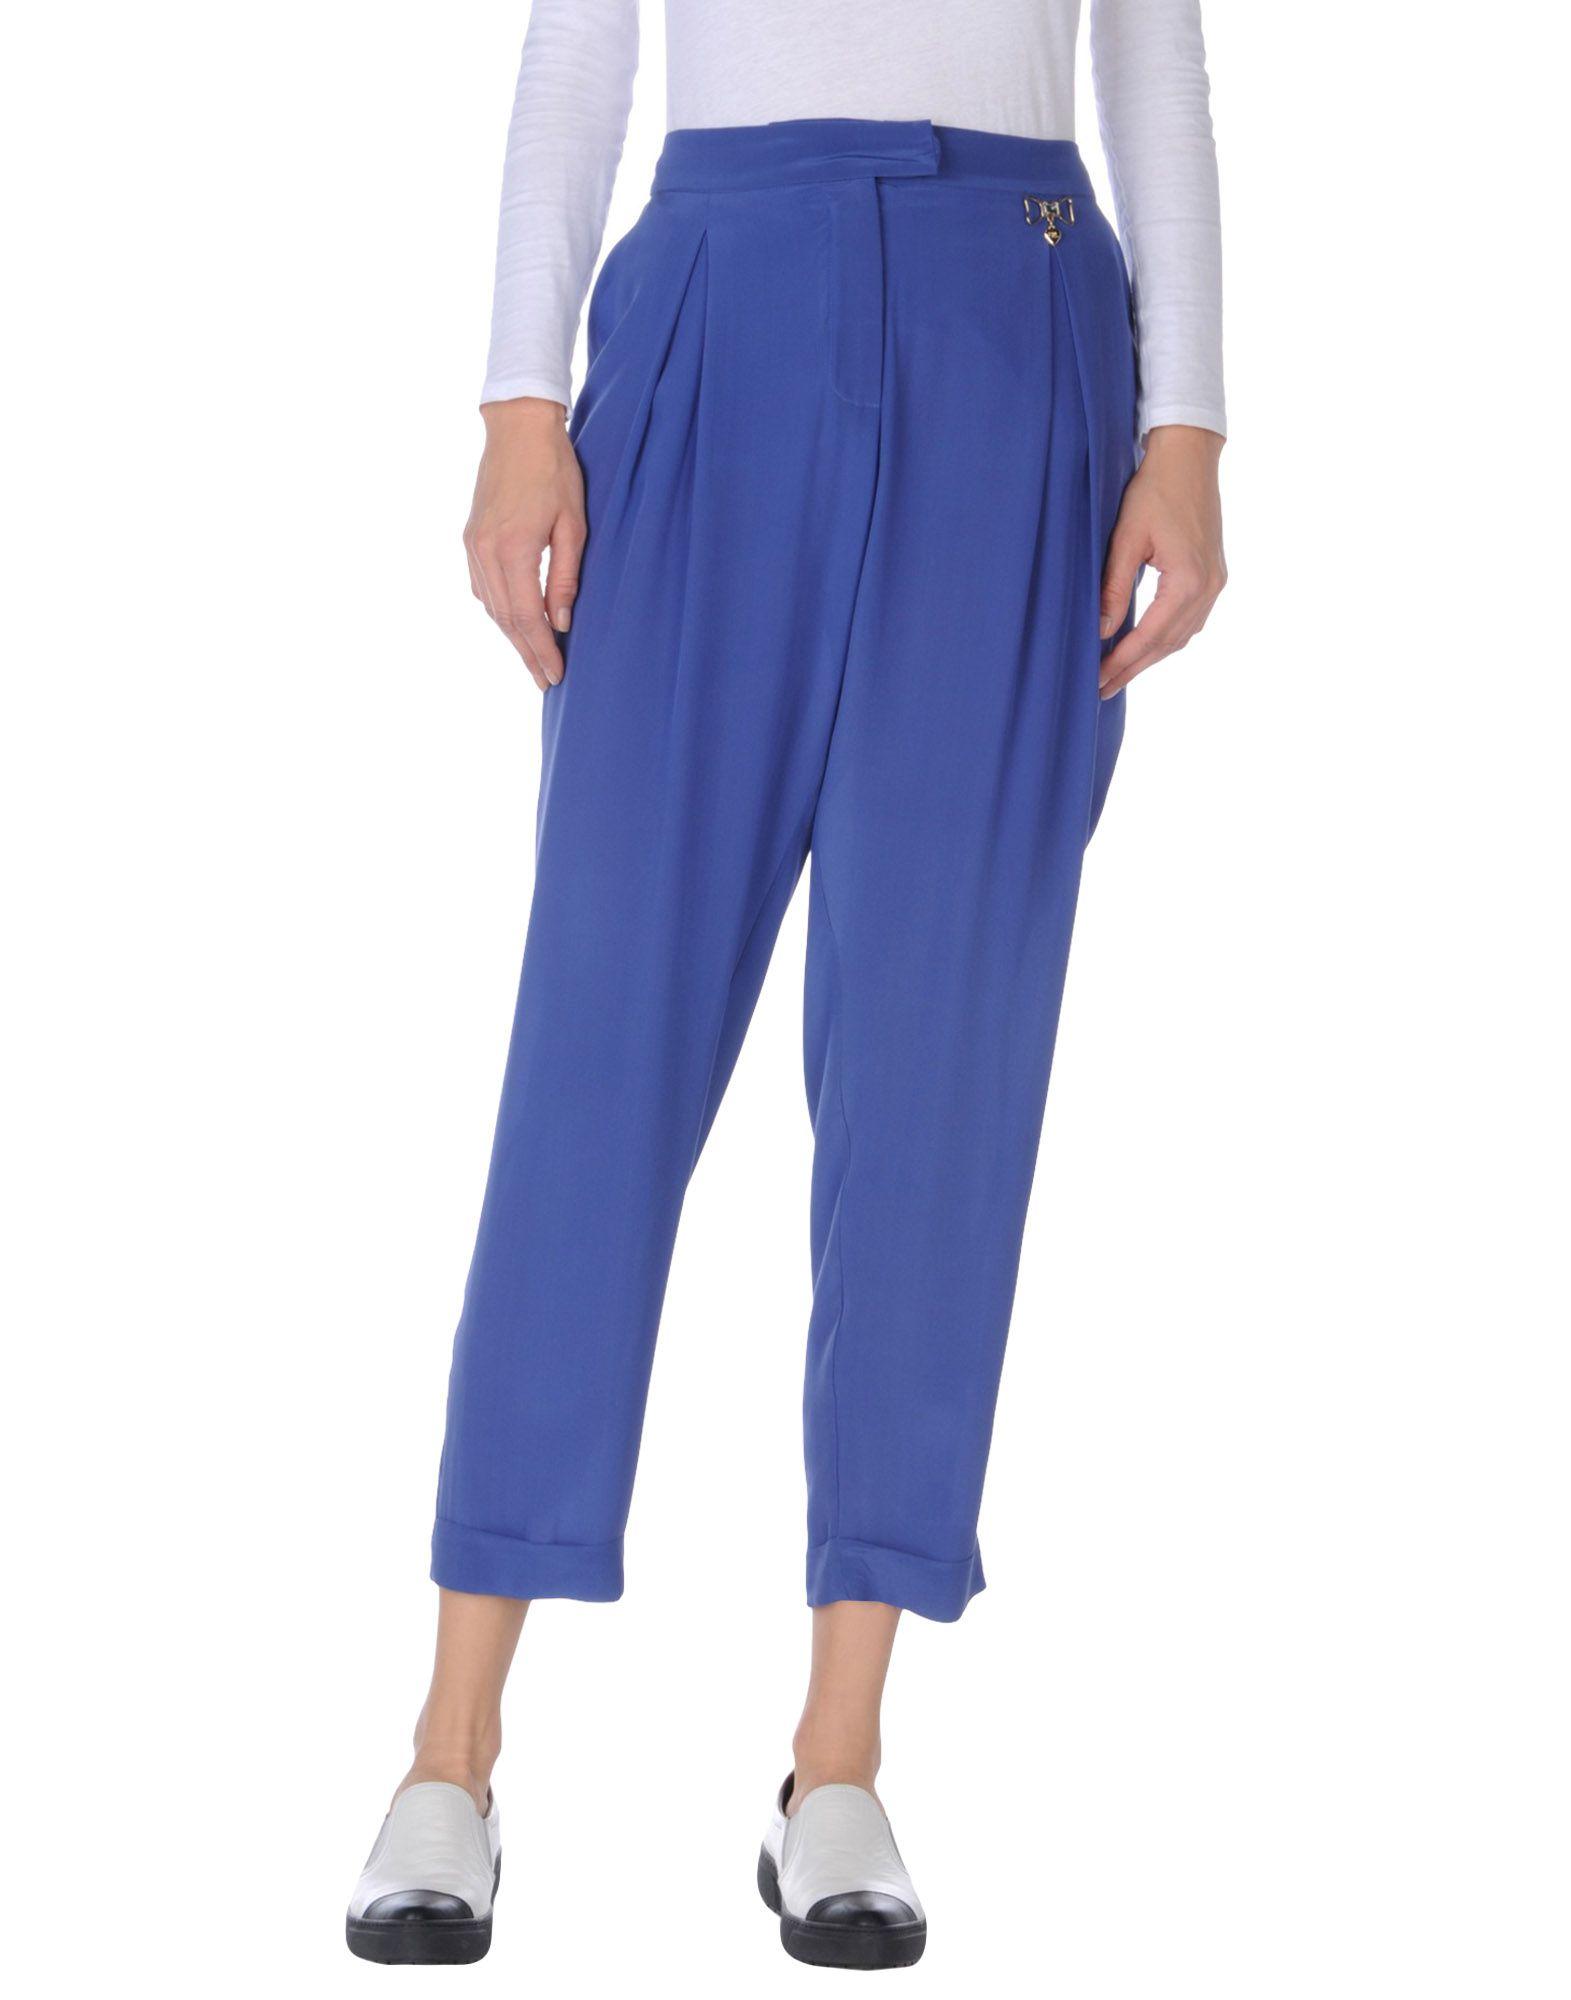 《送料無料》VDP COLLECTION レディース パンツ ブルー 46 シルク 100%